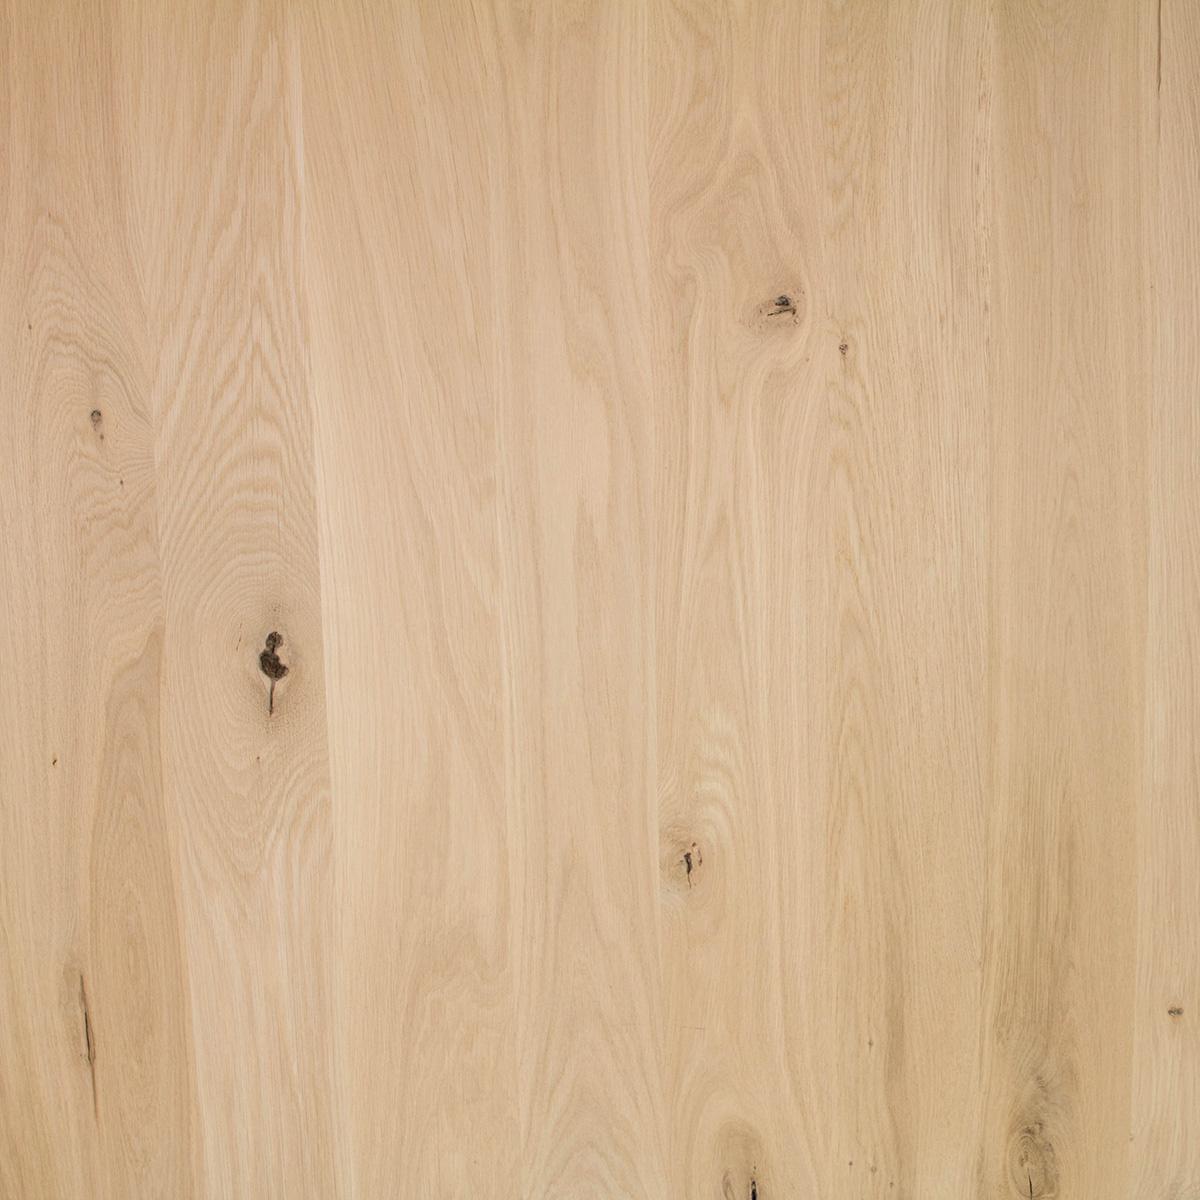 Eiken X-tafelpoten (SET - 2 stuks) 10x10cm - 85 cm breed - 72 cm hoog - Kruispoot / X-poot van Rustiek eikenhout - verlijmd kd 8-12%